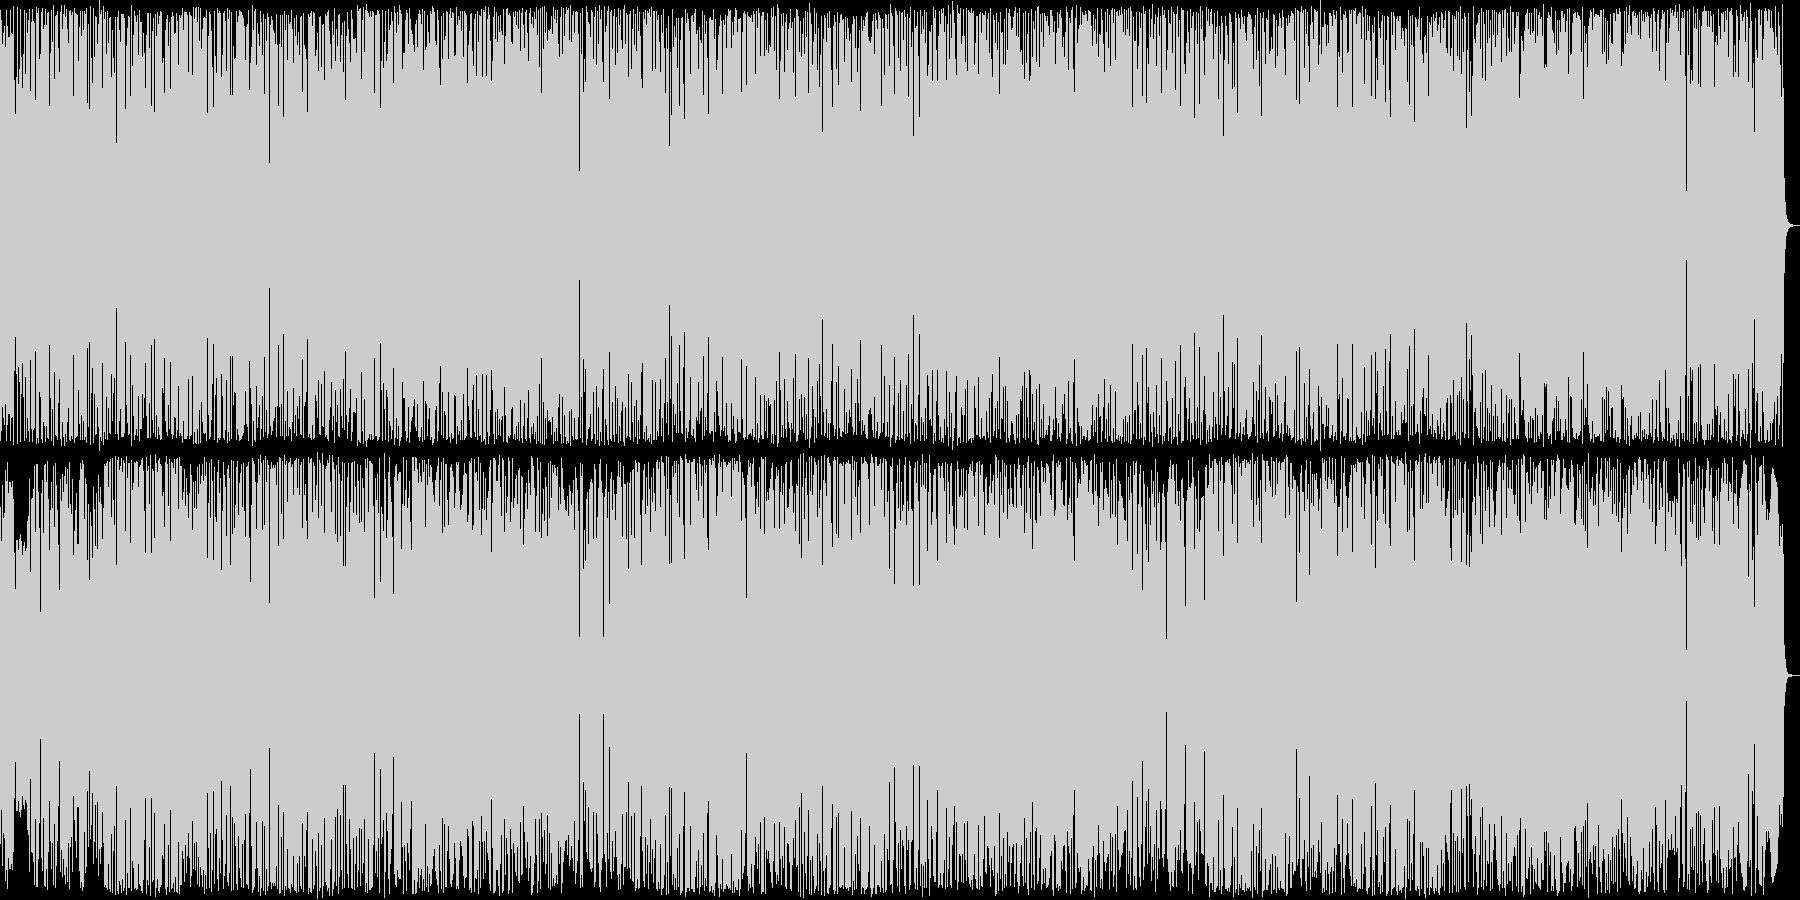 きらきらしたシンセサイザーポップの未再生の波形